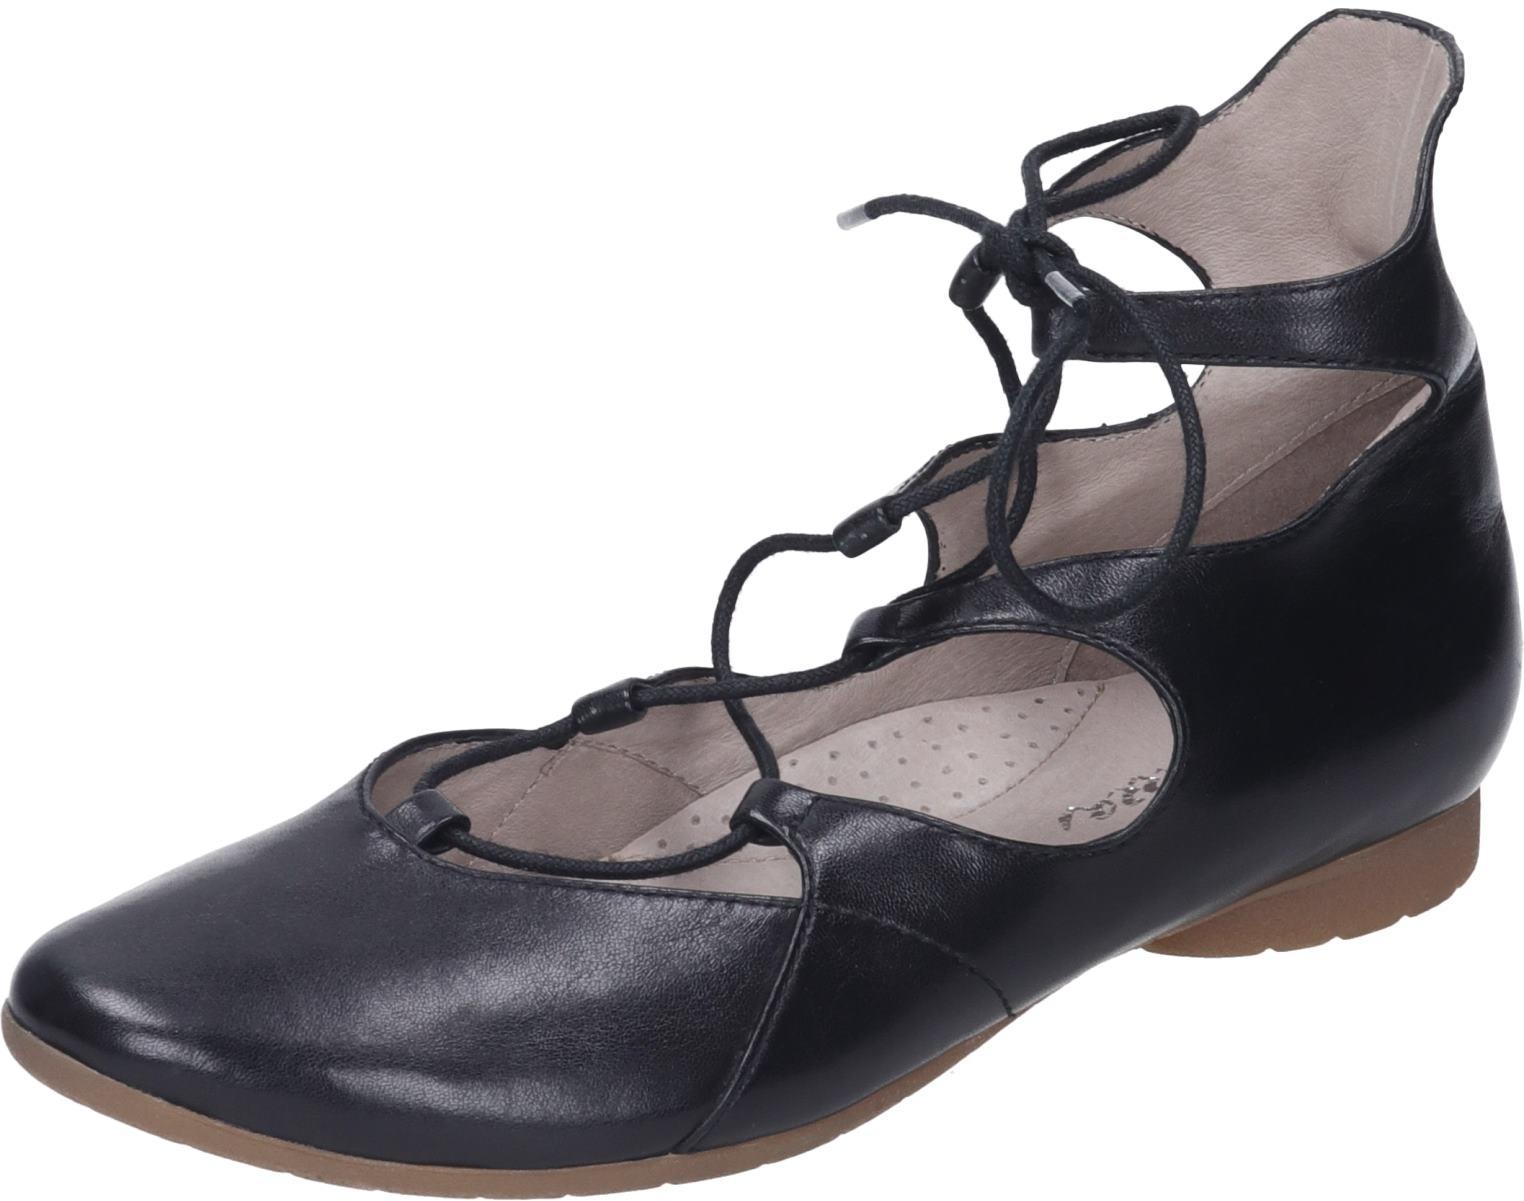 Damen 991041 Piazza Schuhe Black stiefelette Damen GMSzVpLqU